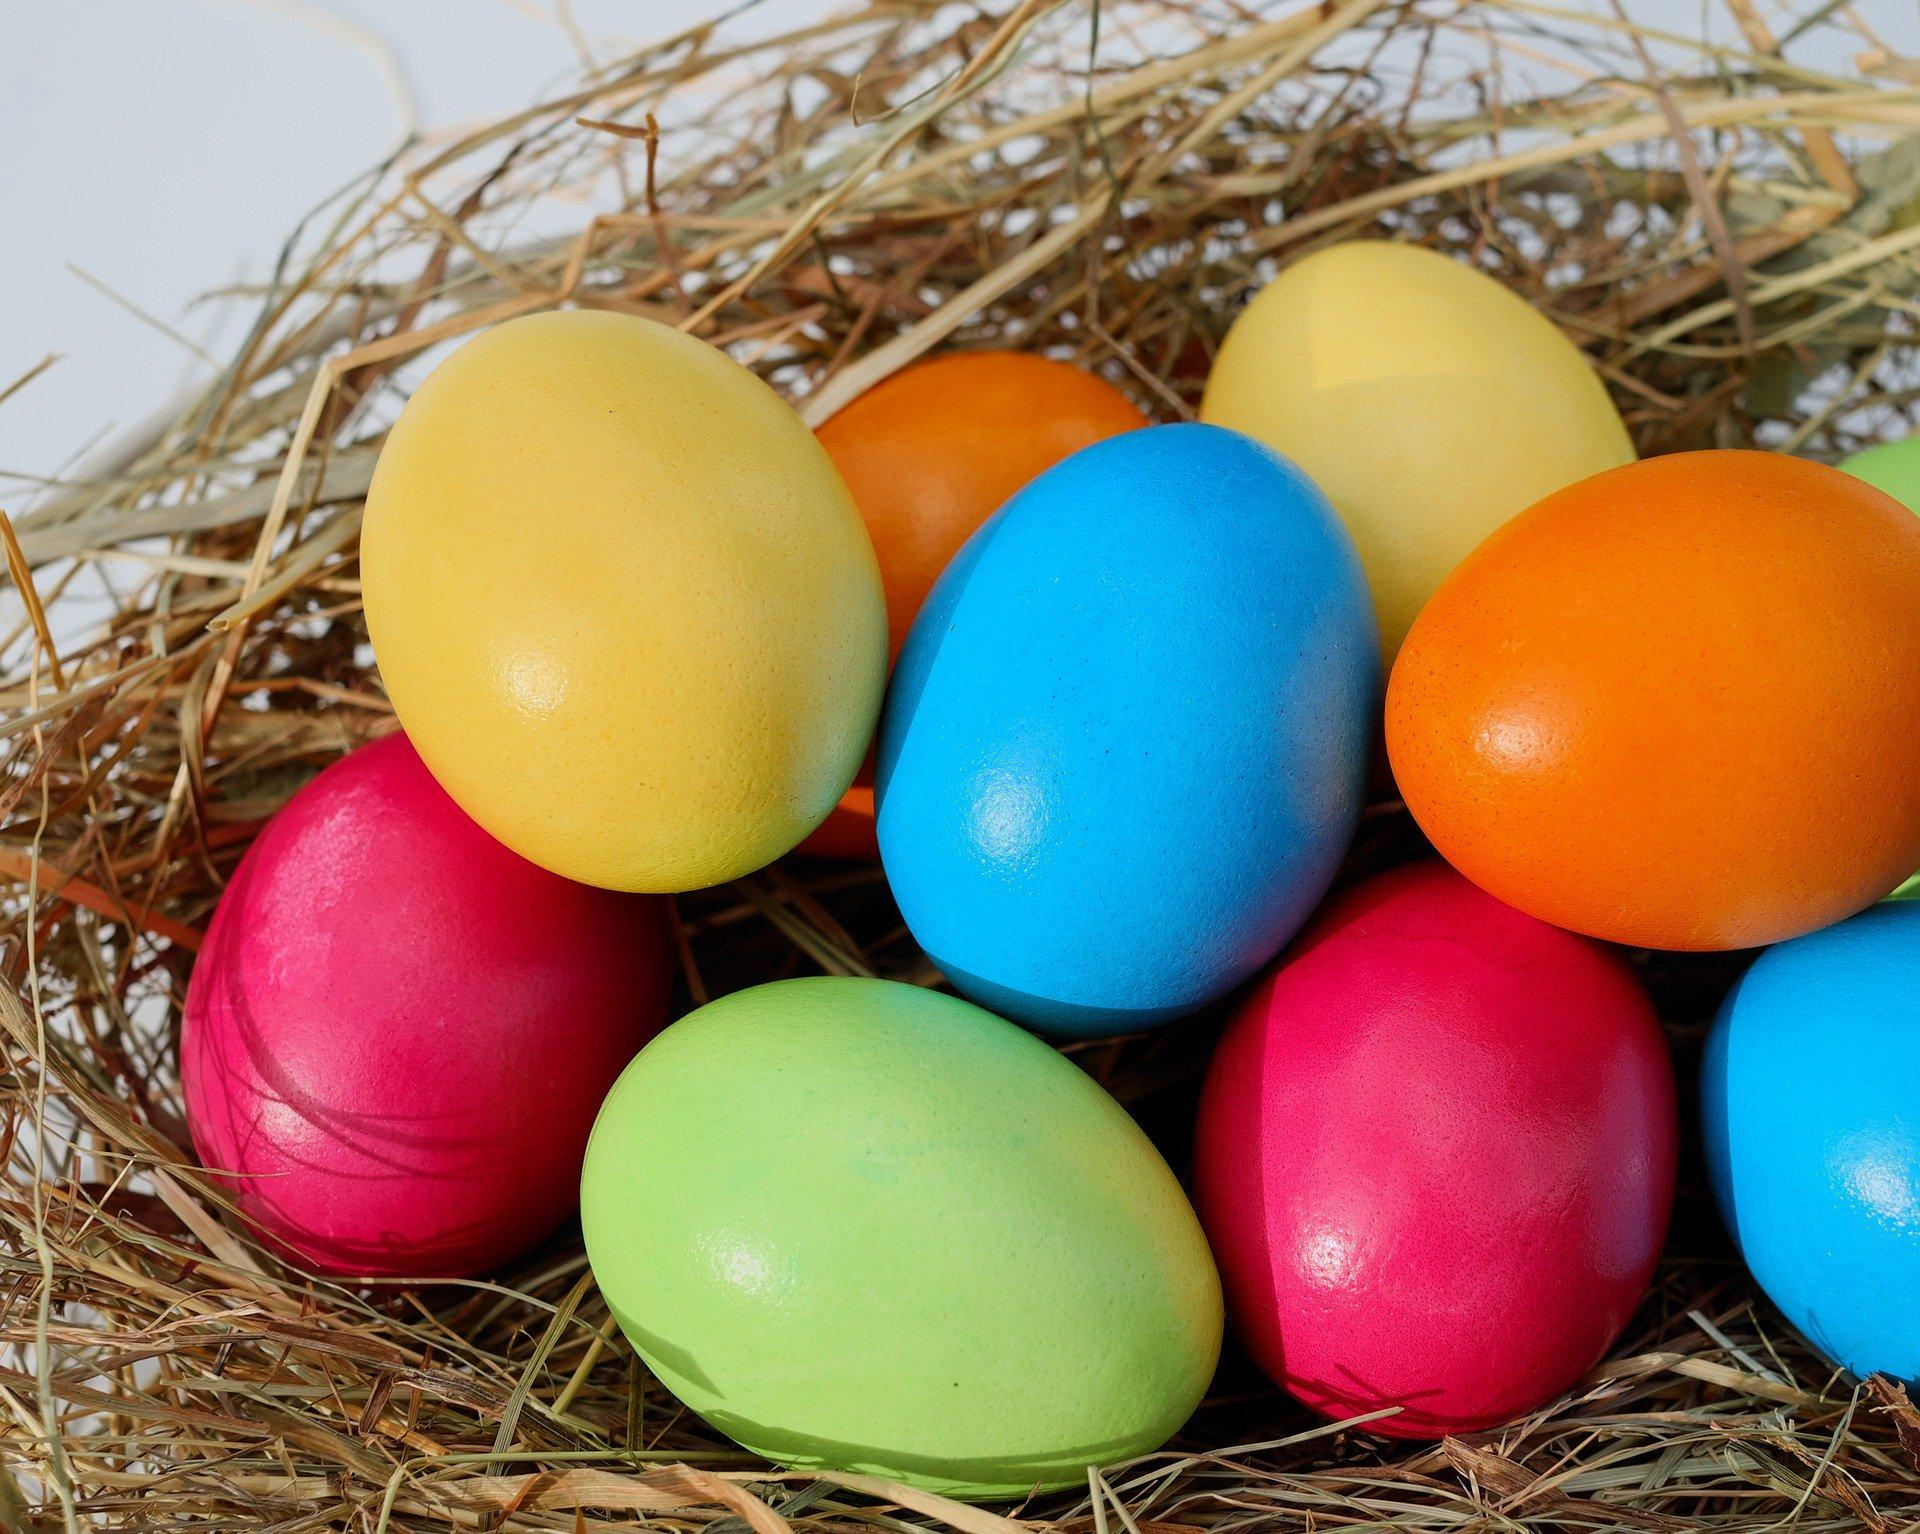 Kolorowo i bez chemii, czyli jak zabarwić jajka na świąteczny stół  - Zdjęcie główne